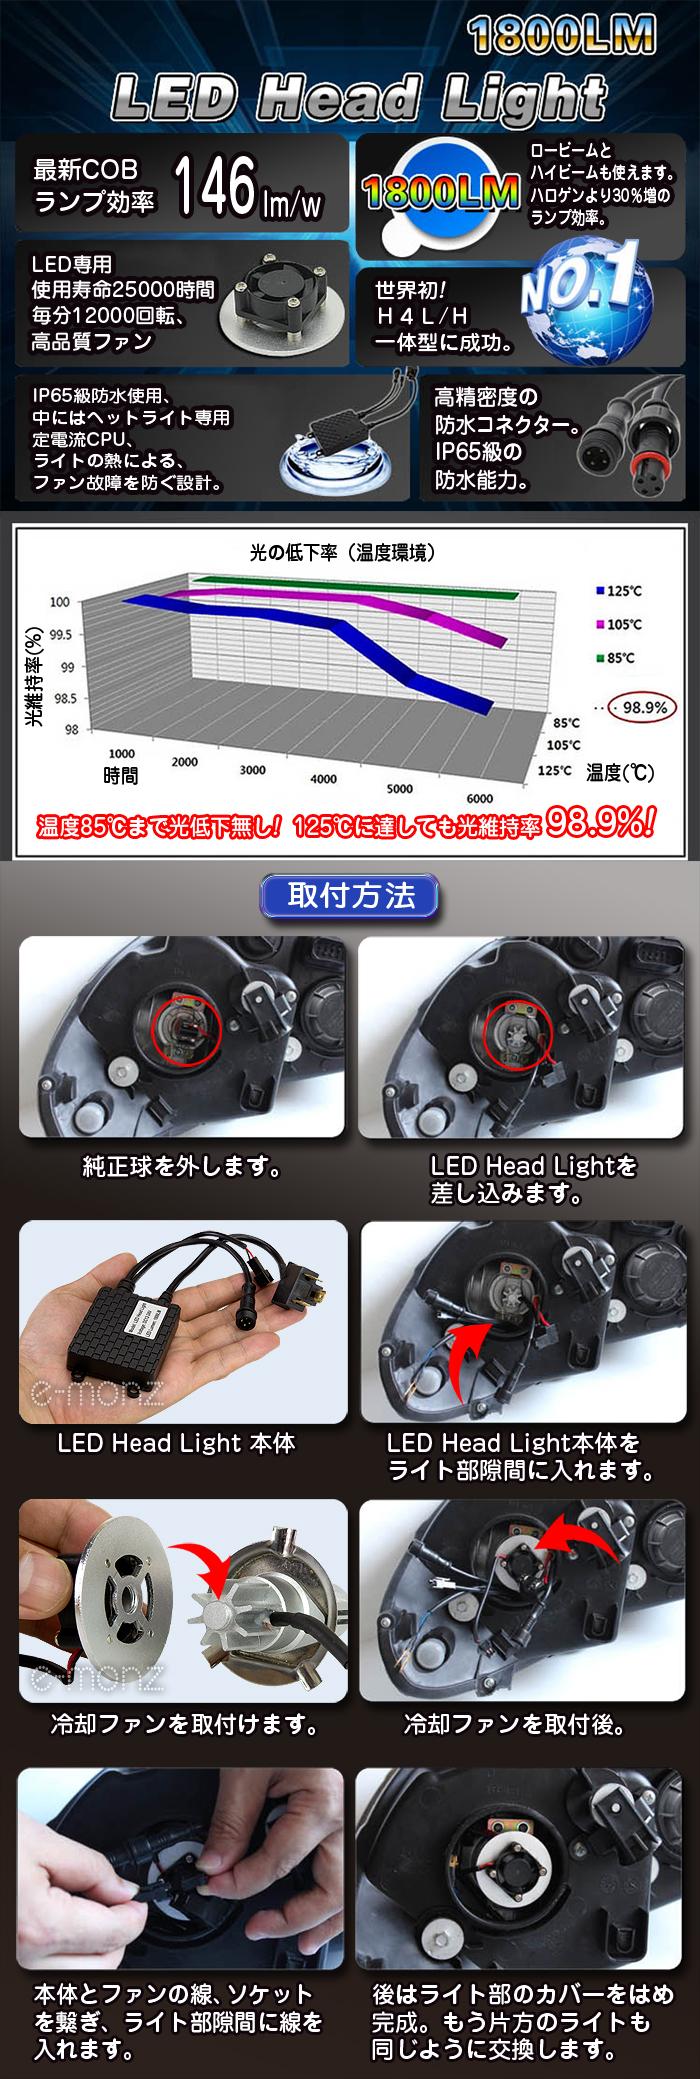 LEDヘッドライト用バルブ H8 取り付け方法